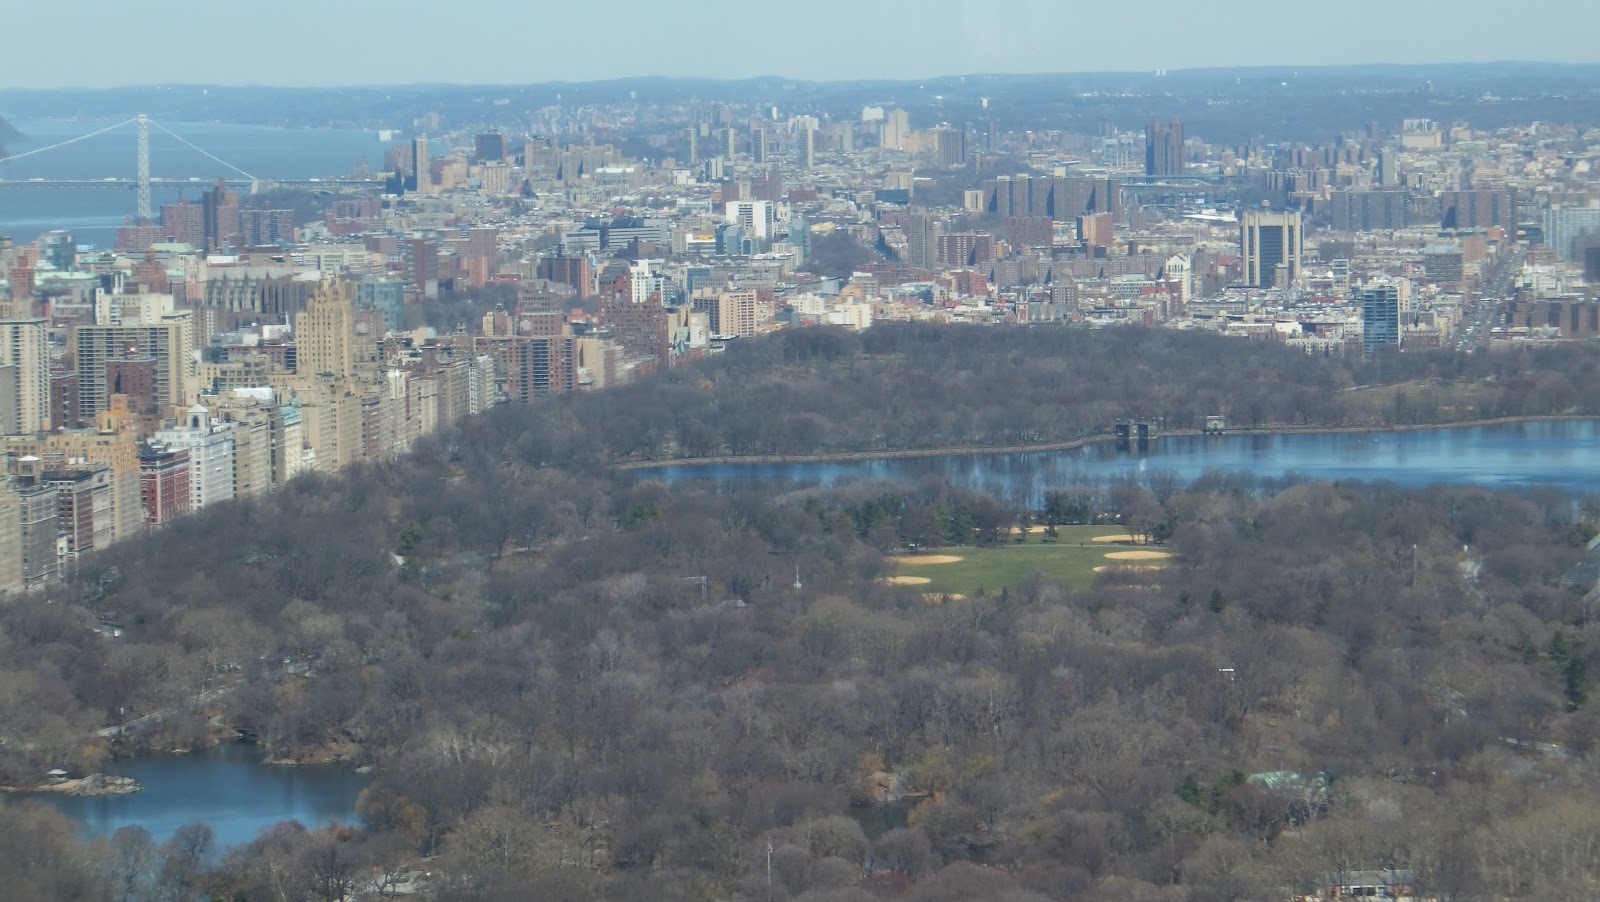 Central Park, Observatory Deck, Top of the Rock, Rockefeller Center, New York